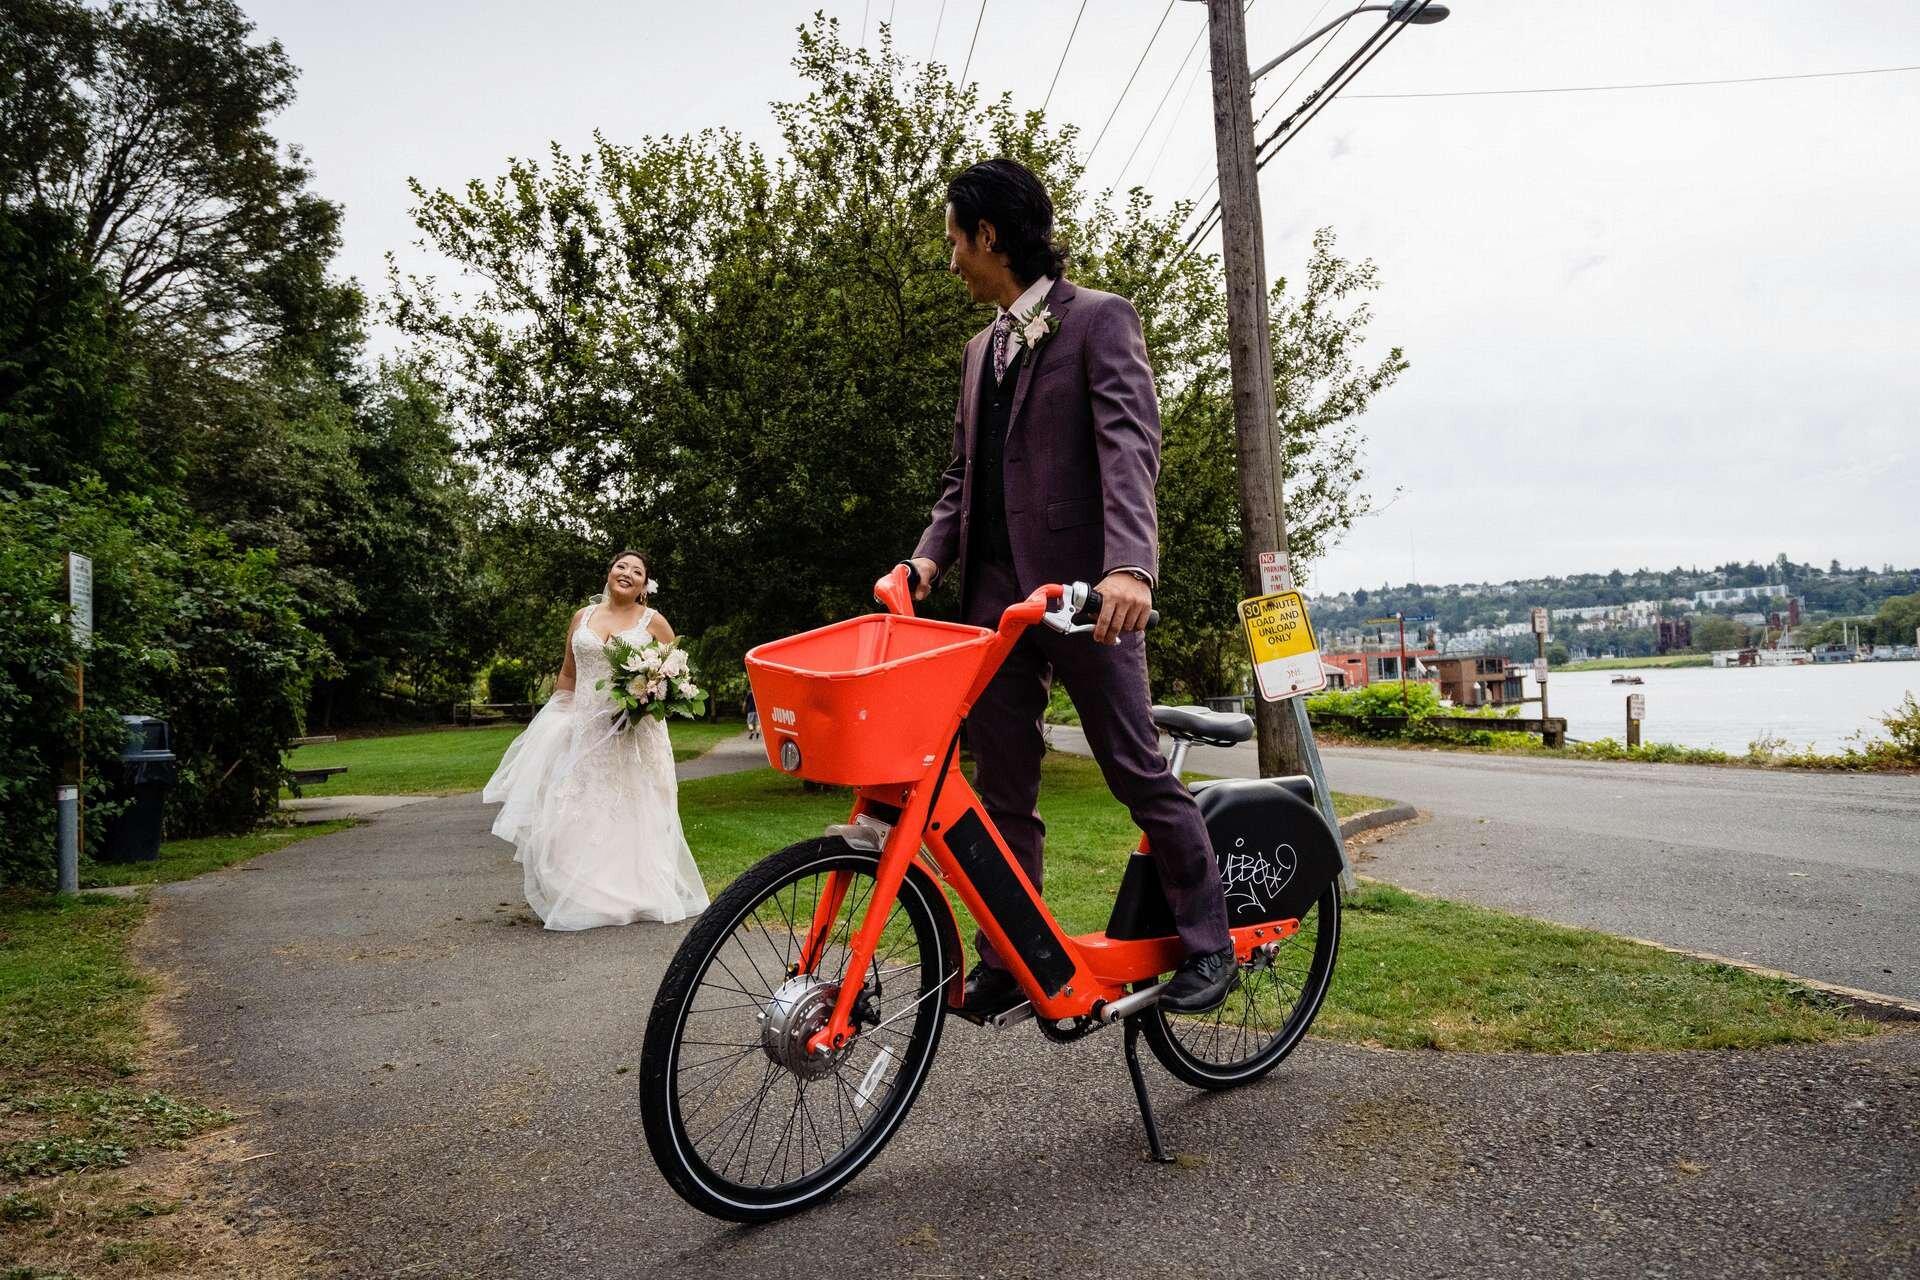 098-Lake-Union-Cafe-Wedding-Seattle.jpg